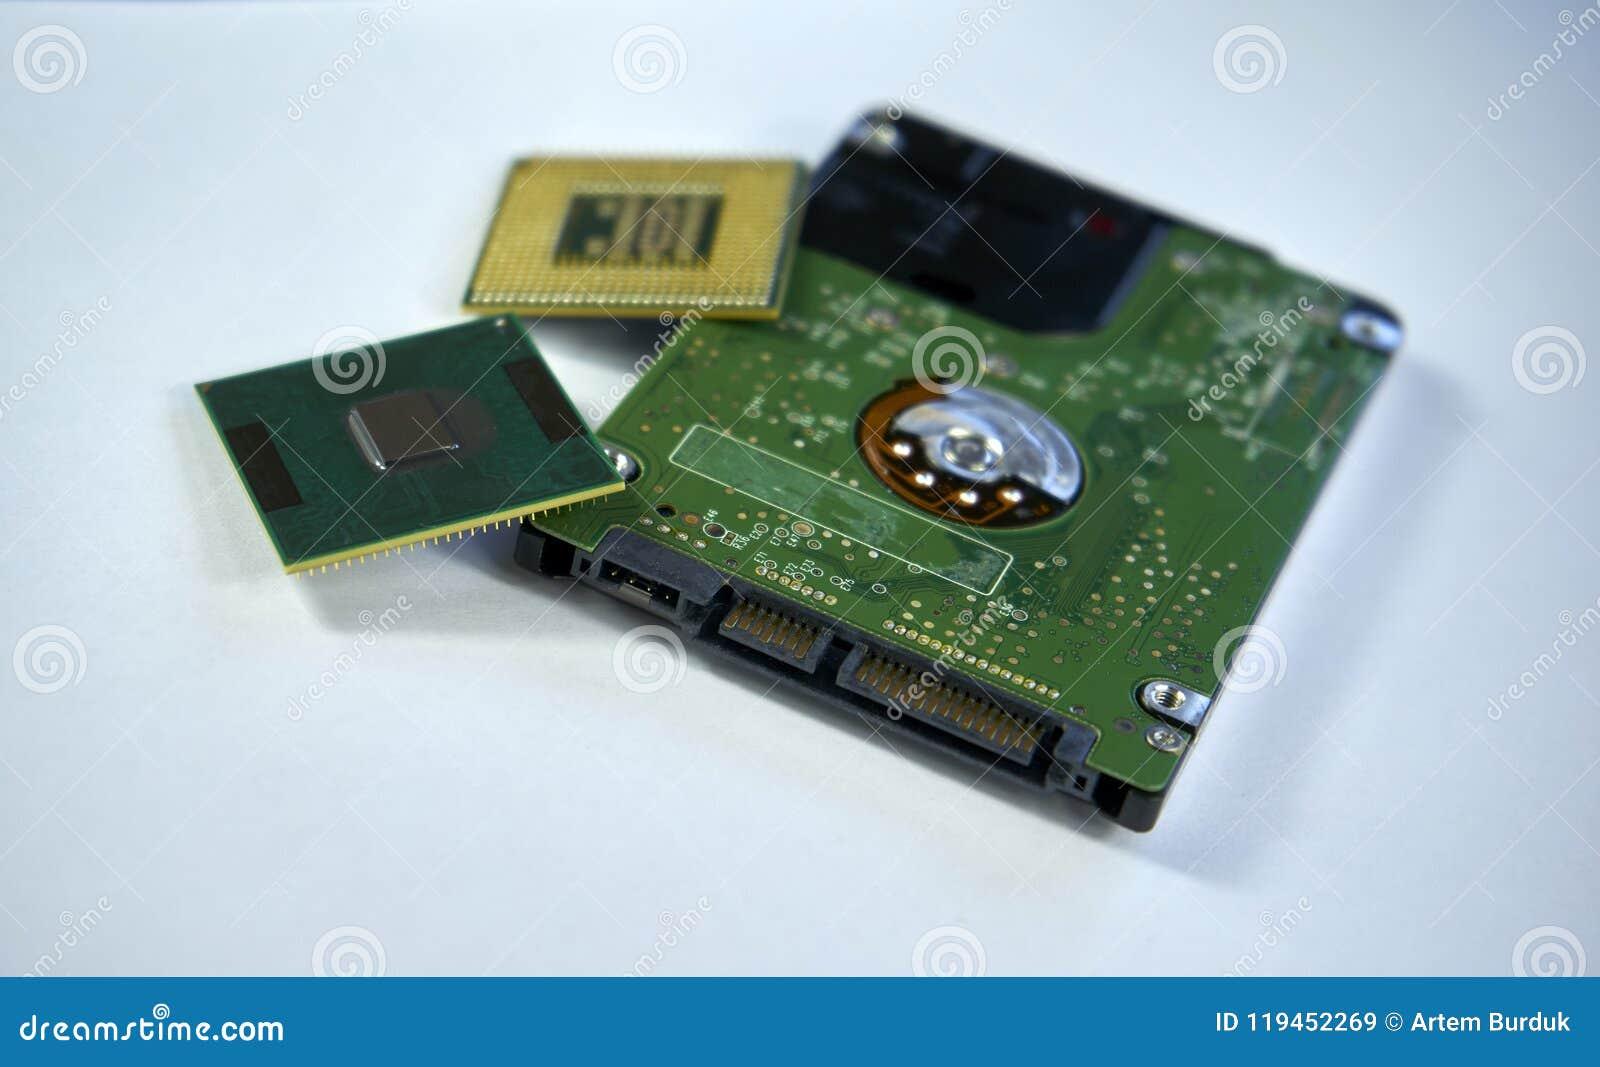 2.5 duimlaptop sata harde aandrijving met twee cpu-laptop bewerkers i